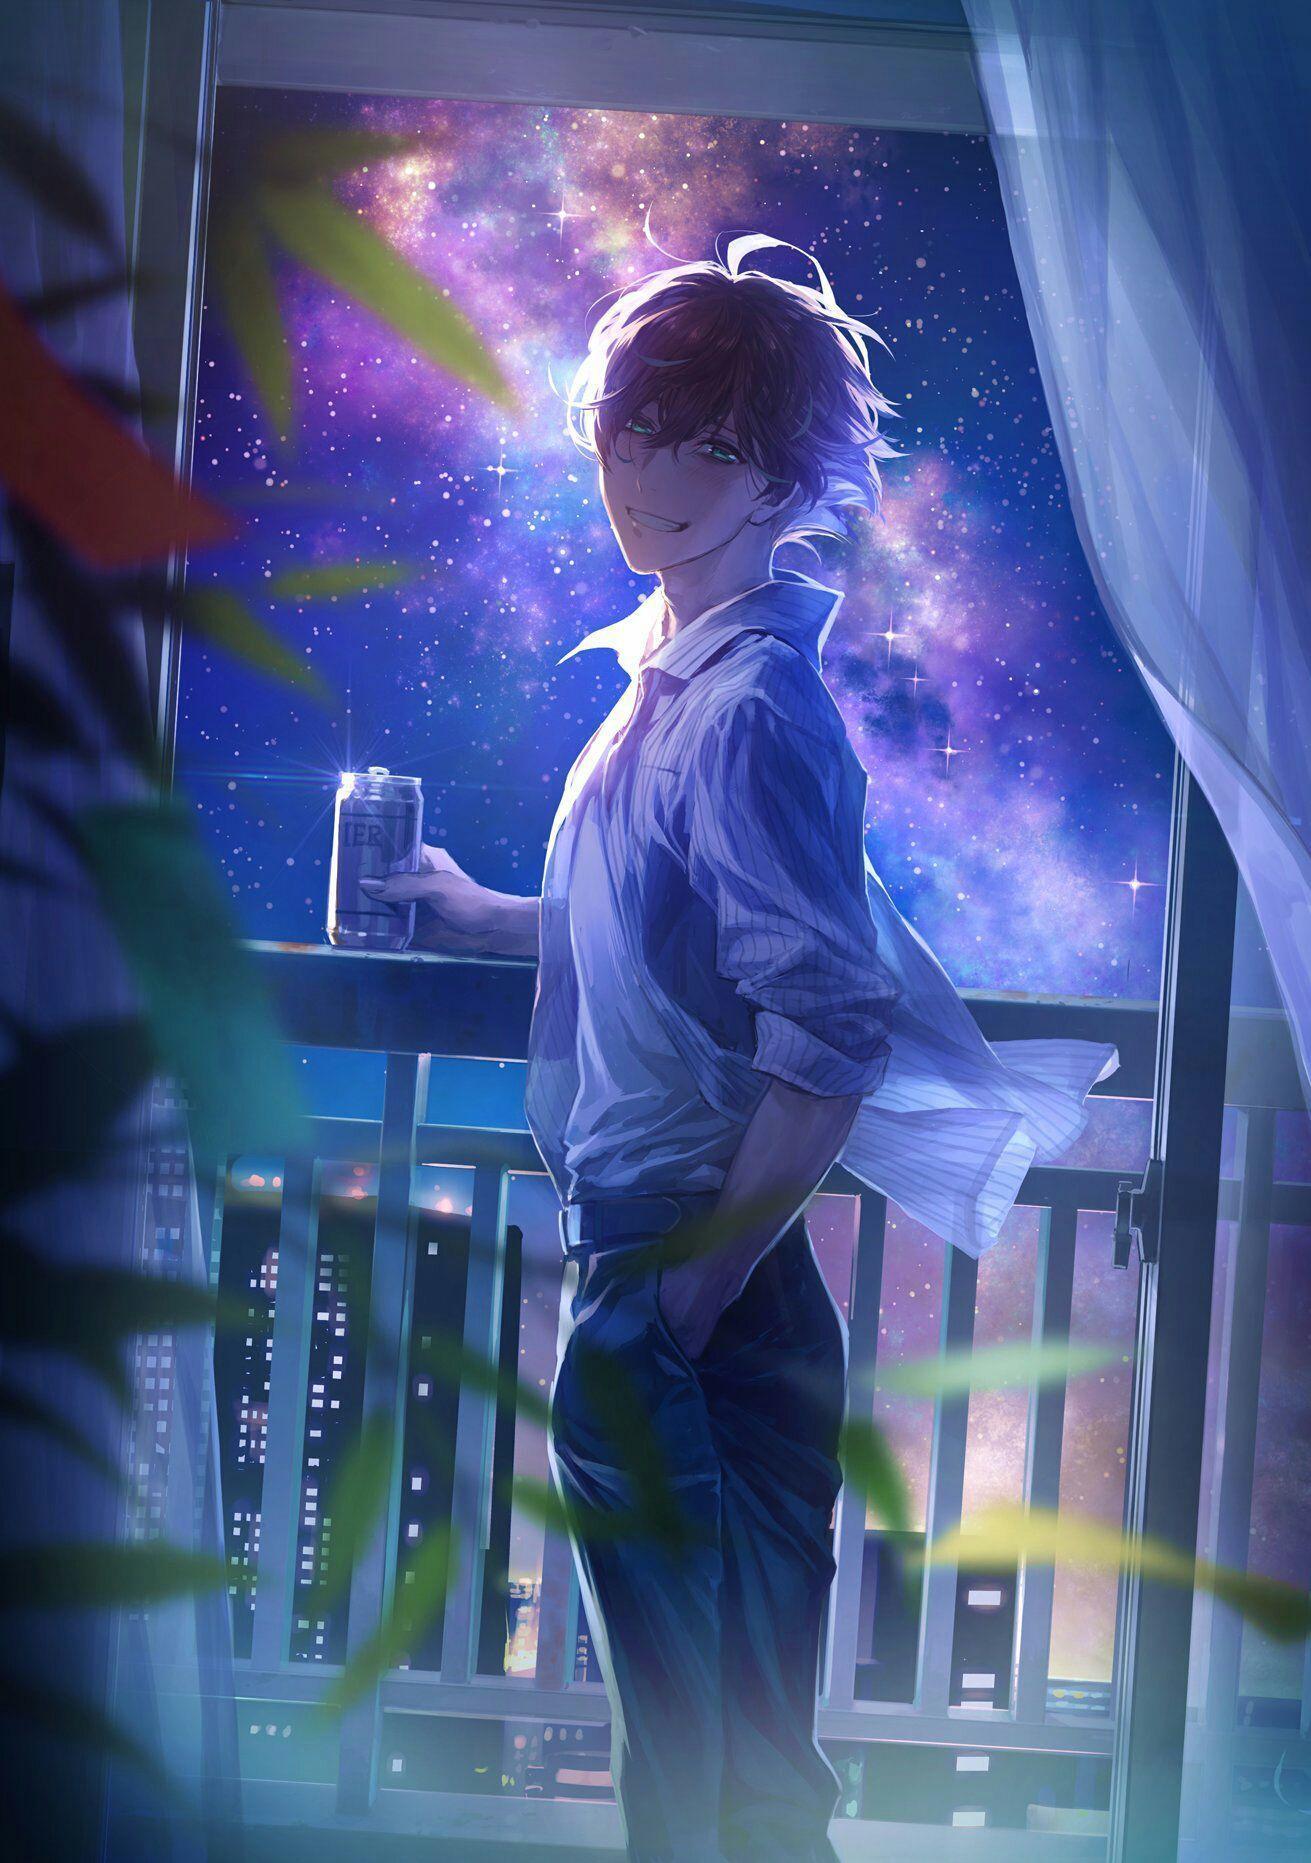 Câu chuyện về Rapper 1311x1863 [ONGOING].  Anime đẹp trai, Chàng trai vẽ anime, Chàng trai trong anime dễ thương